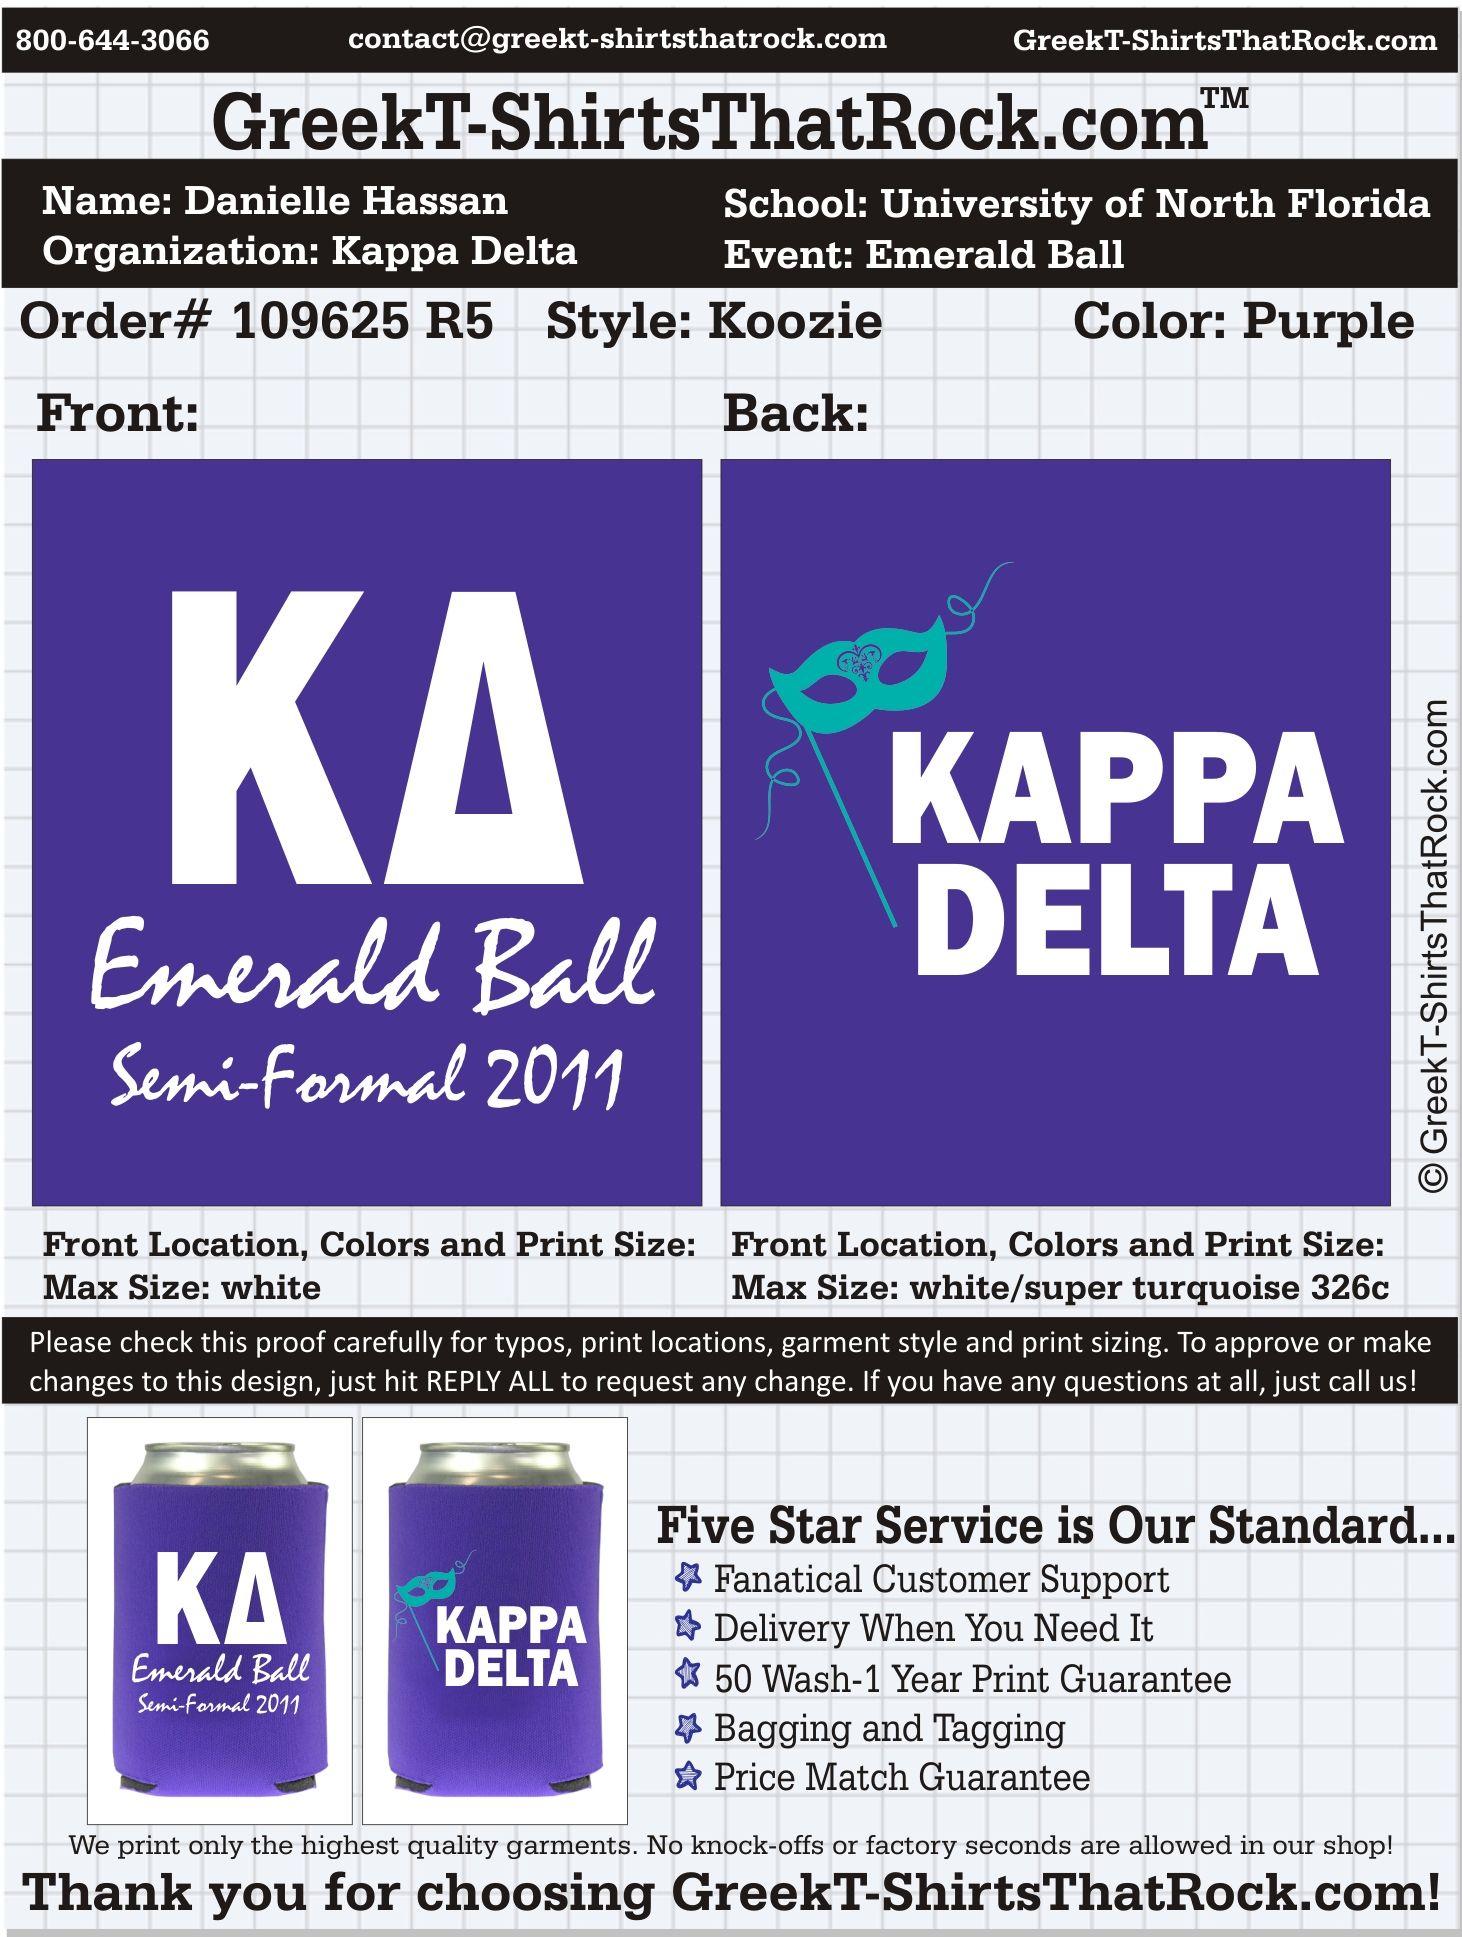 Kappa Delta Emerald Ball Semi-Formal  http://www.greekt-shirtsthatrock.com/